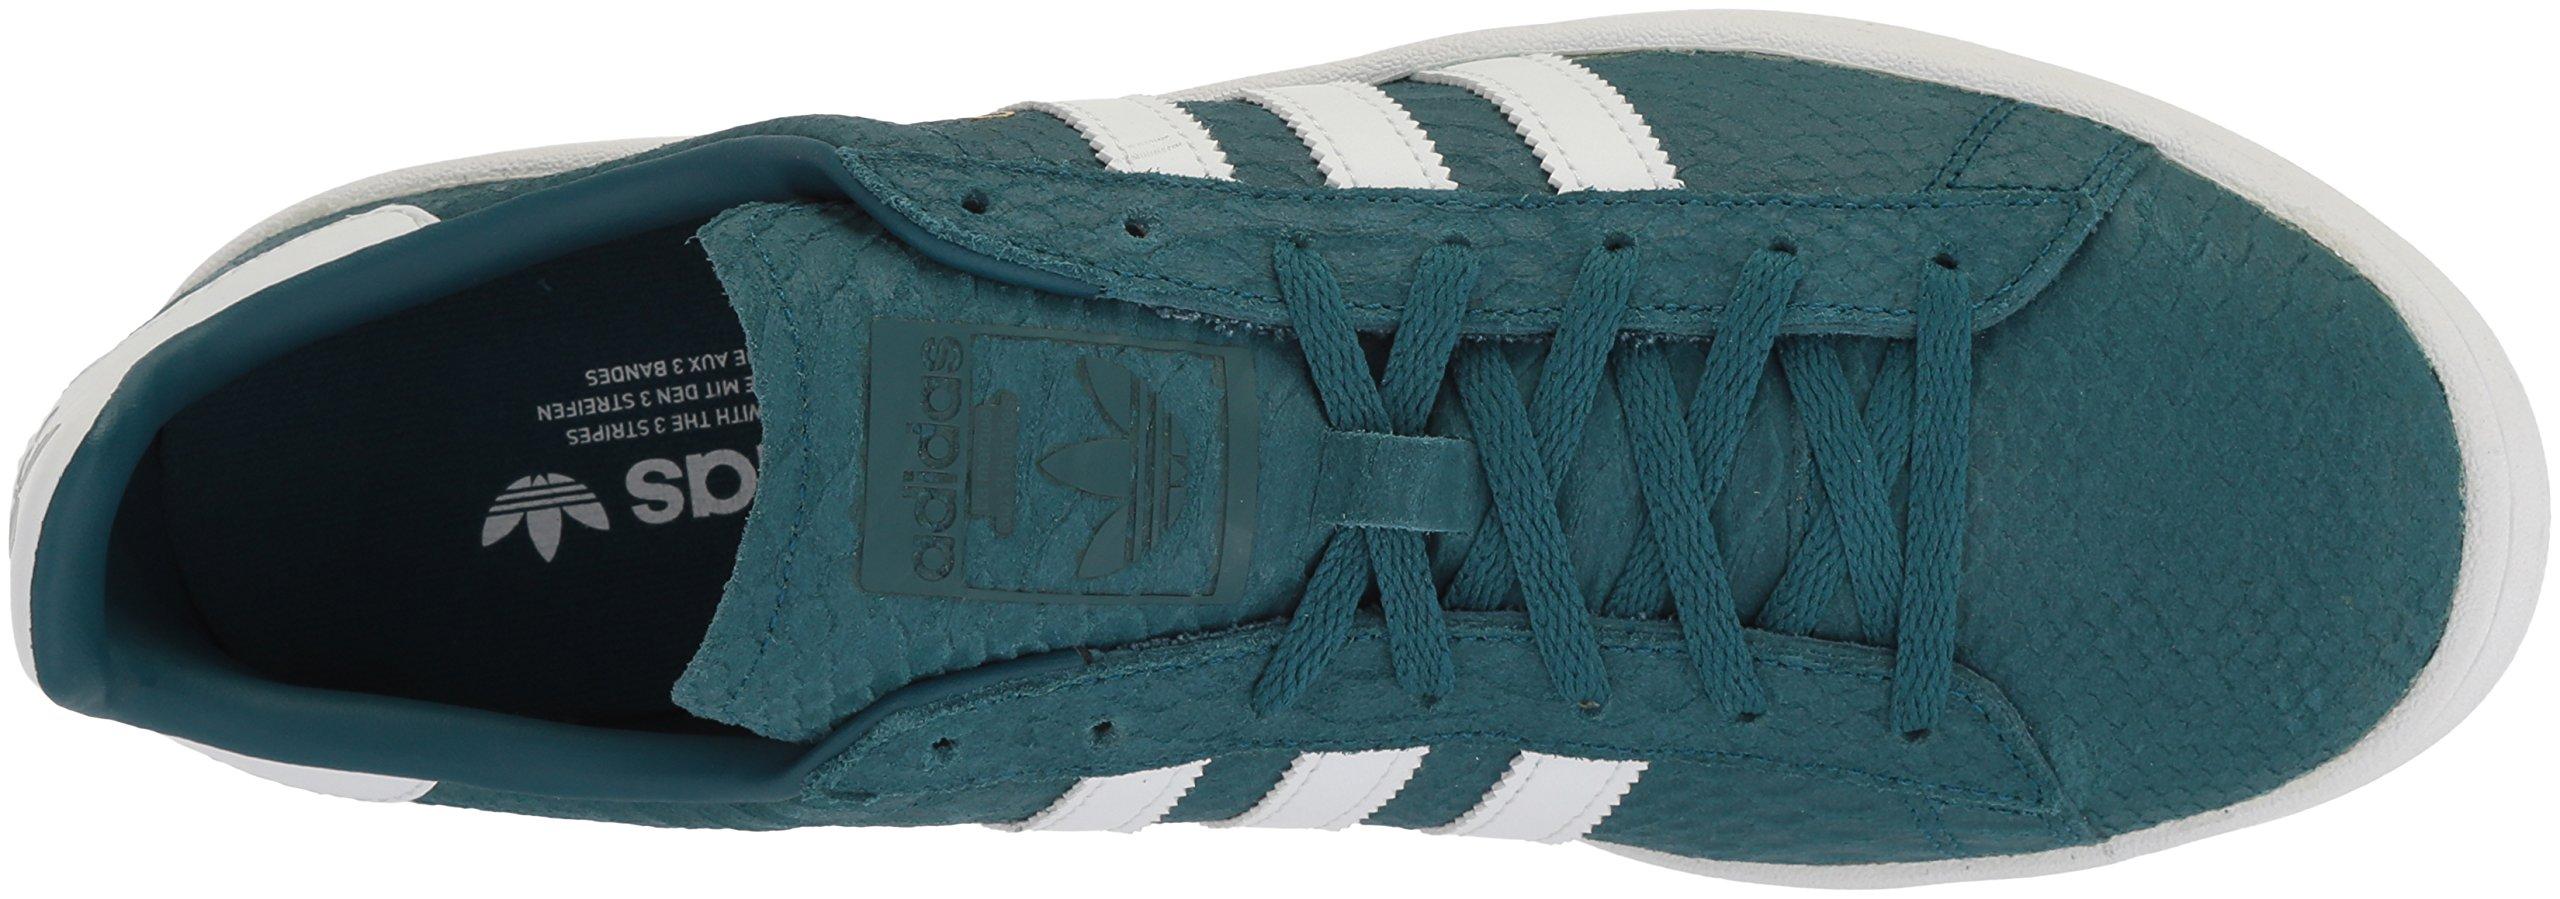 Zapatillas Originals adidas de deporte adidas Originals Zapatillas para mujer W de 272580